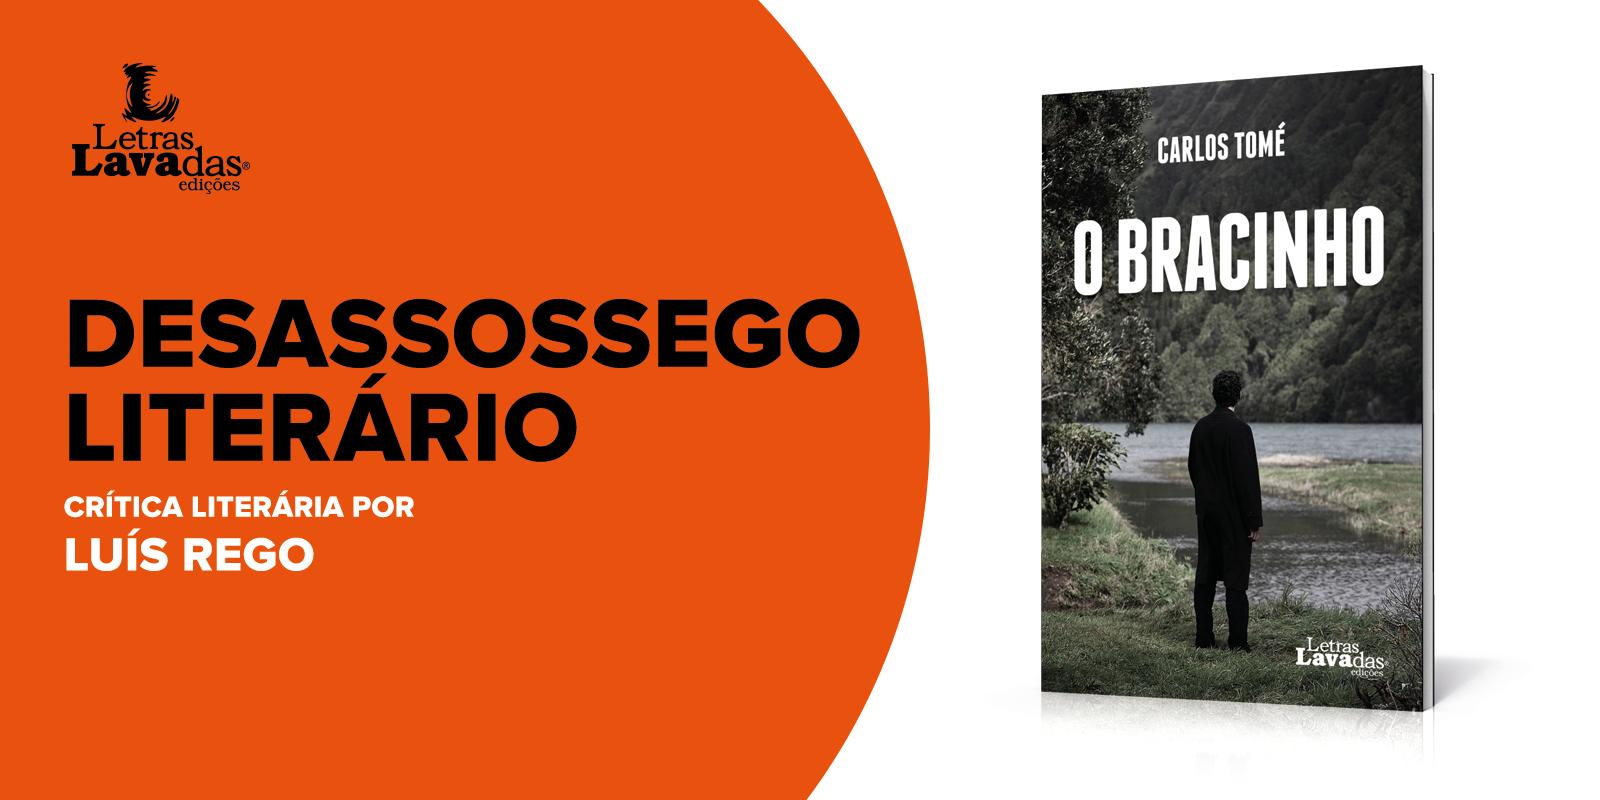 Desassossego-Literário_O_Bracinho